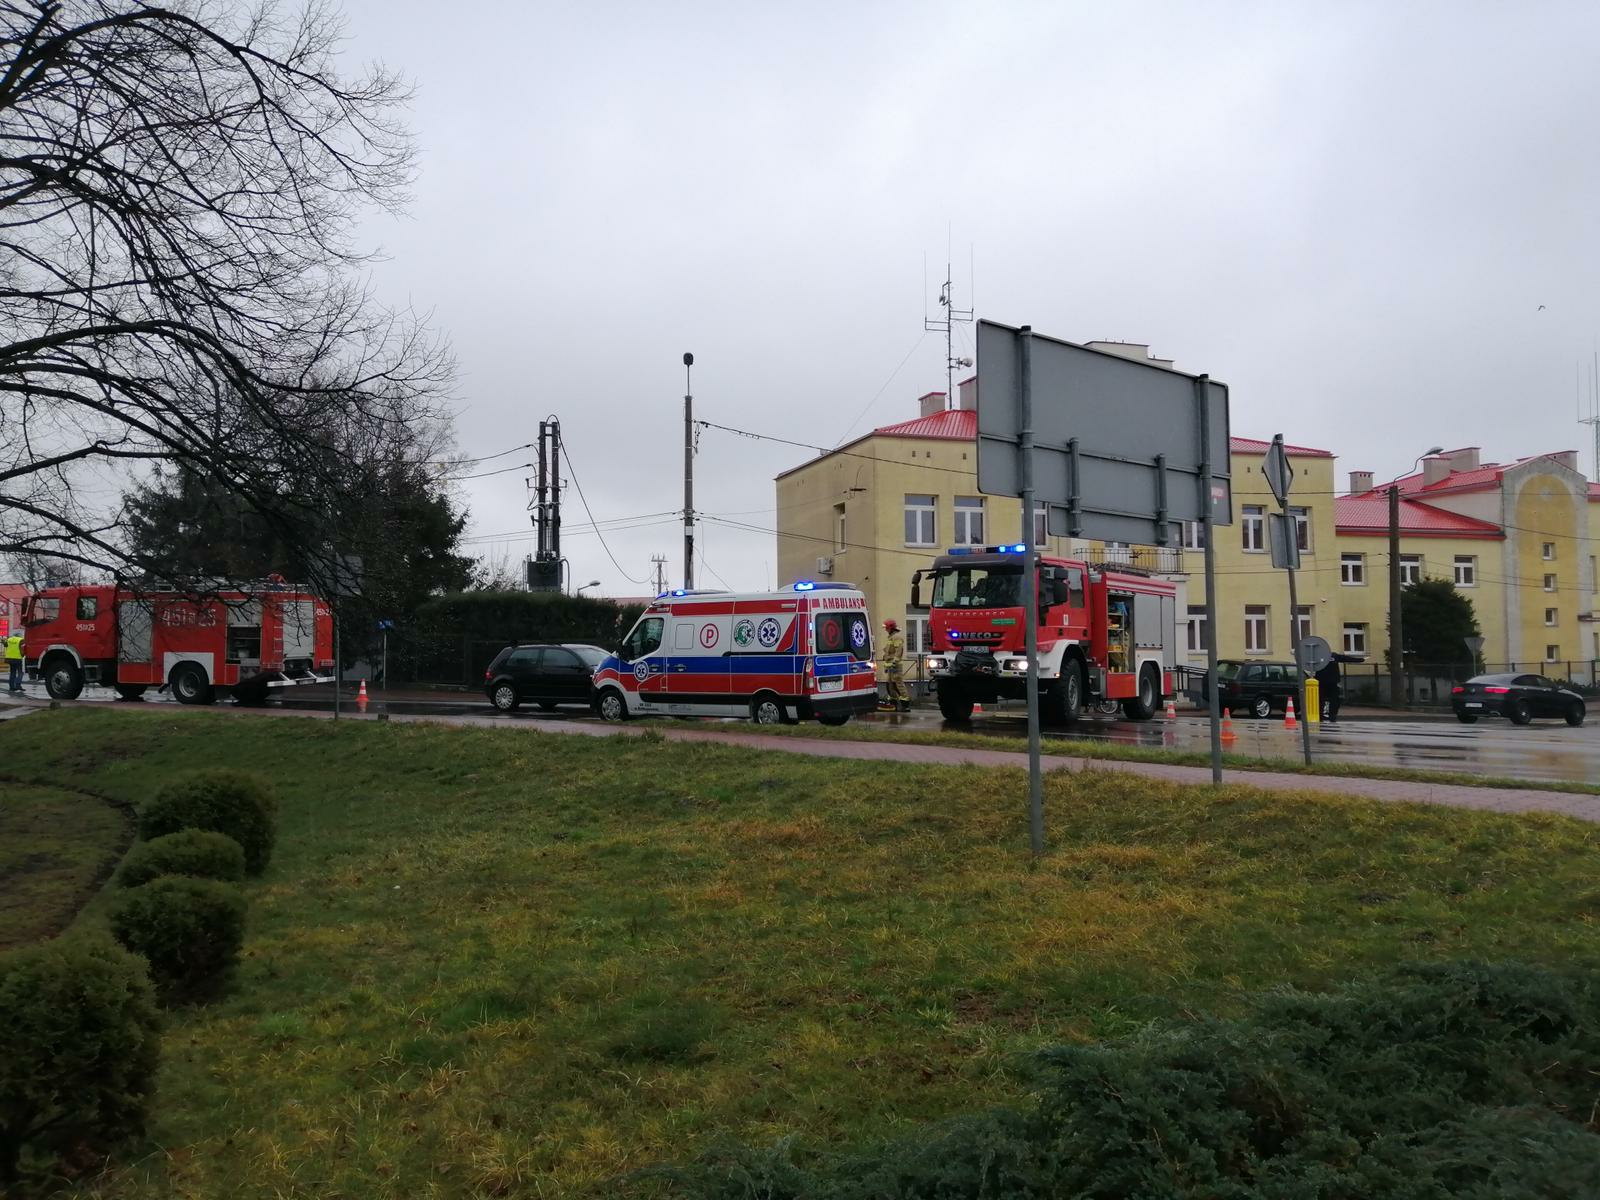 Potrącenie pieszego na kolbuszowskim rynku  AKTUALIZACJA FOTO  - Zdjęcie główne